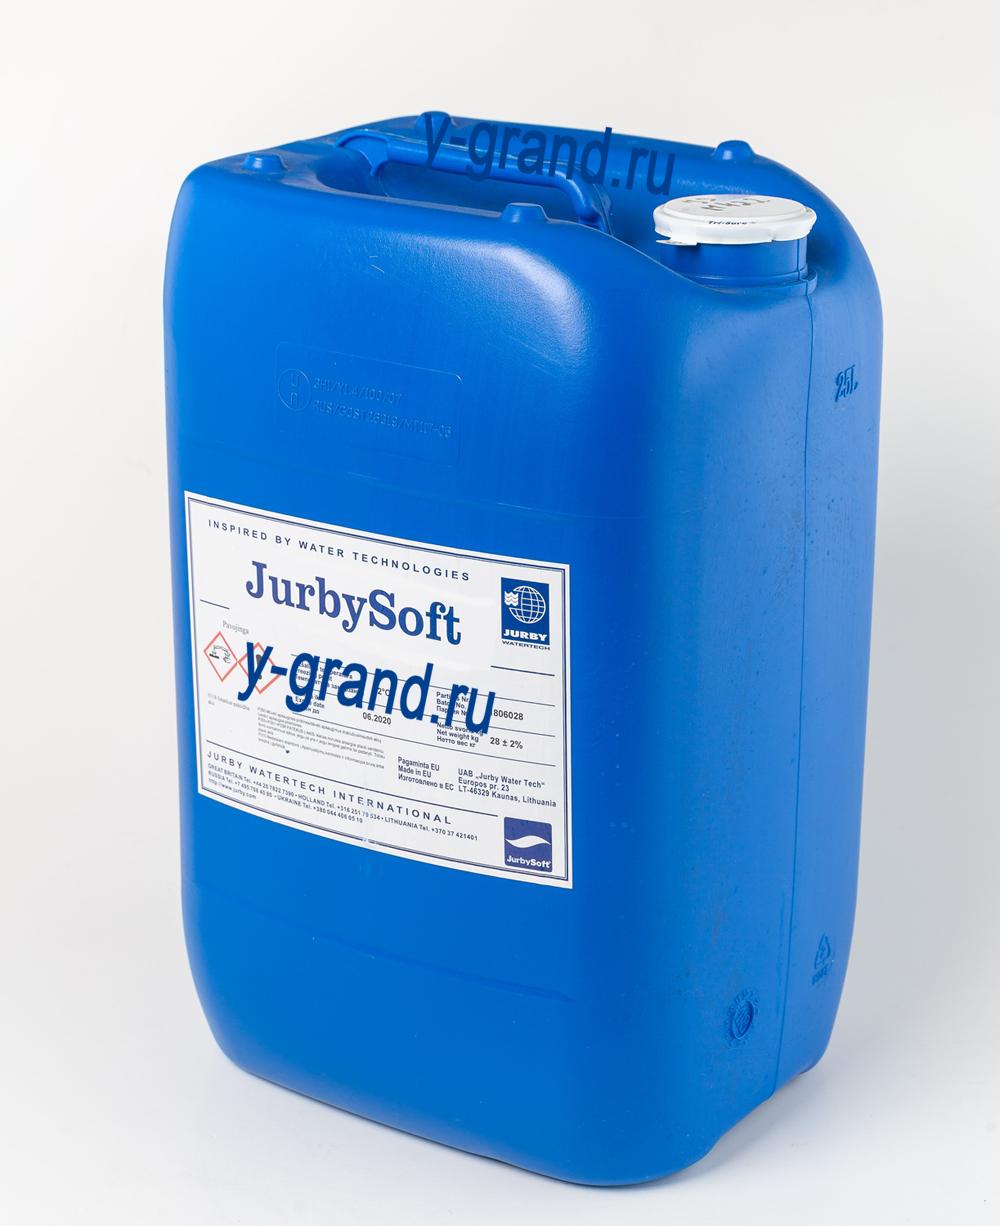 JurbySoft 67